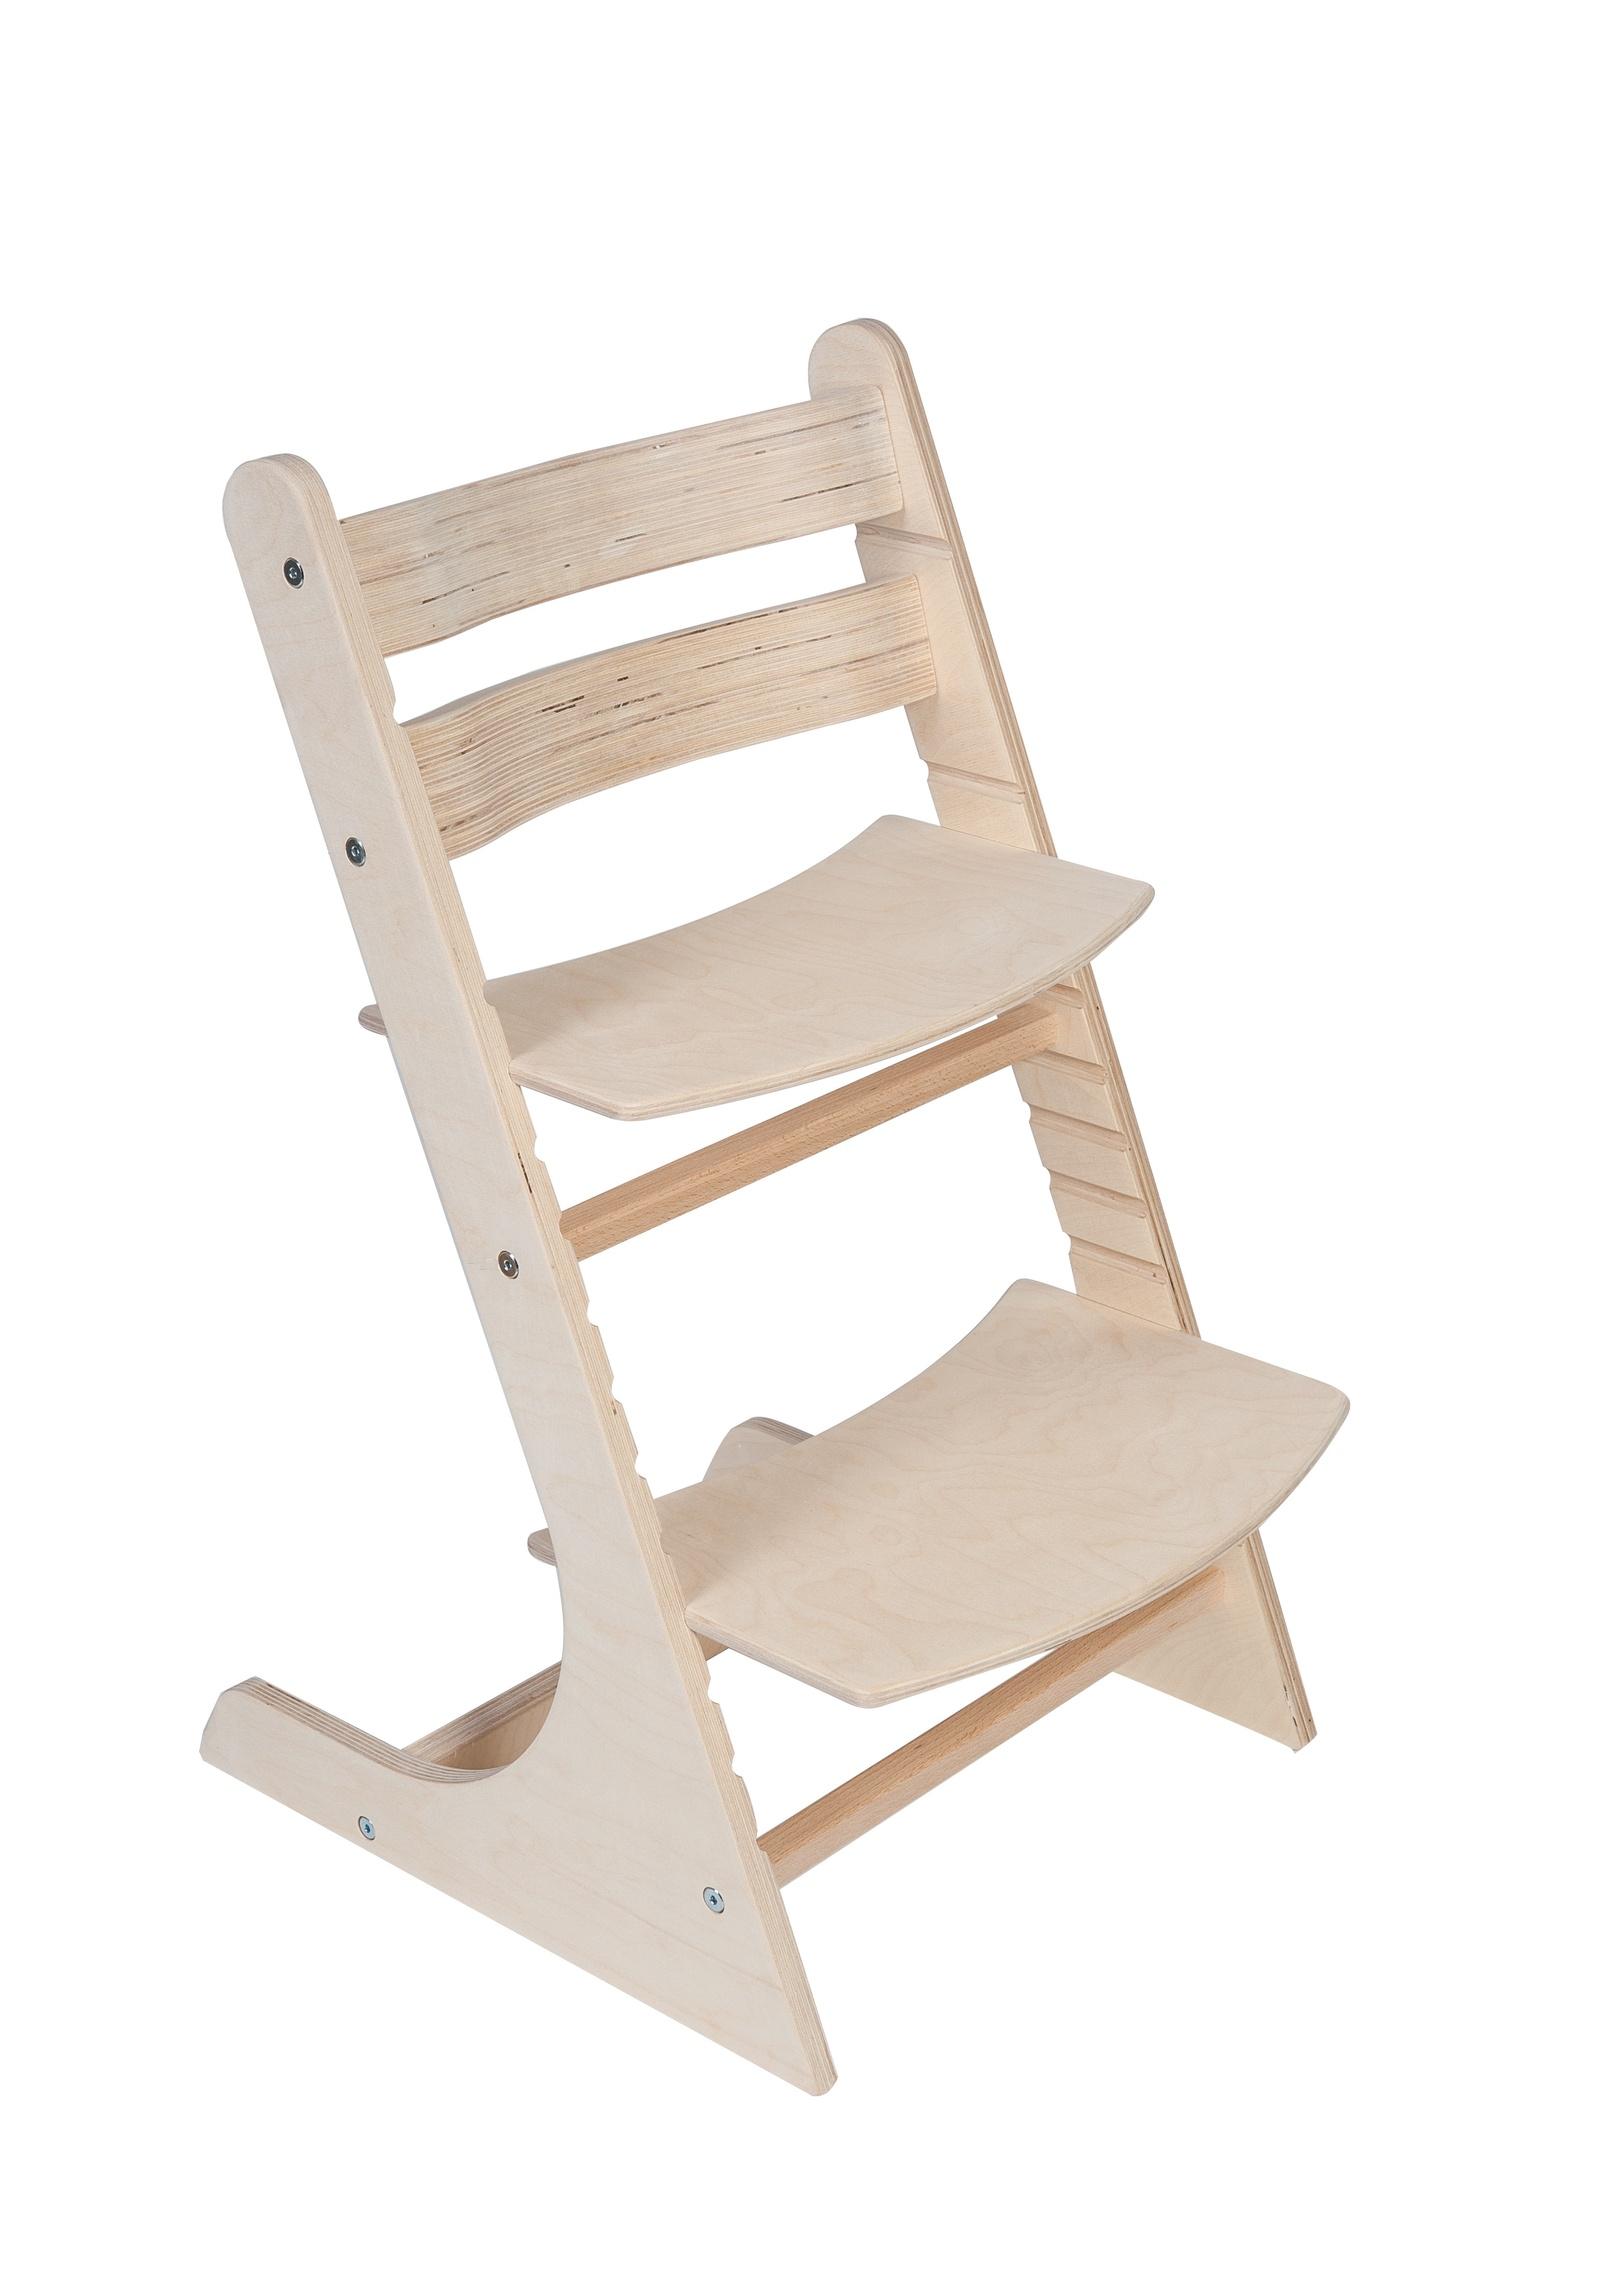 Стульчик для кормления Стул RostOk детский универсальный регулируемый стул для кормления алекс розовый стд0106